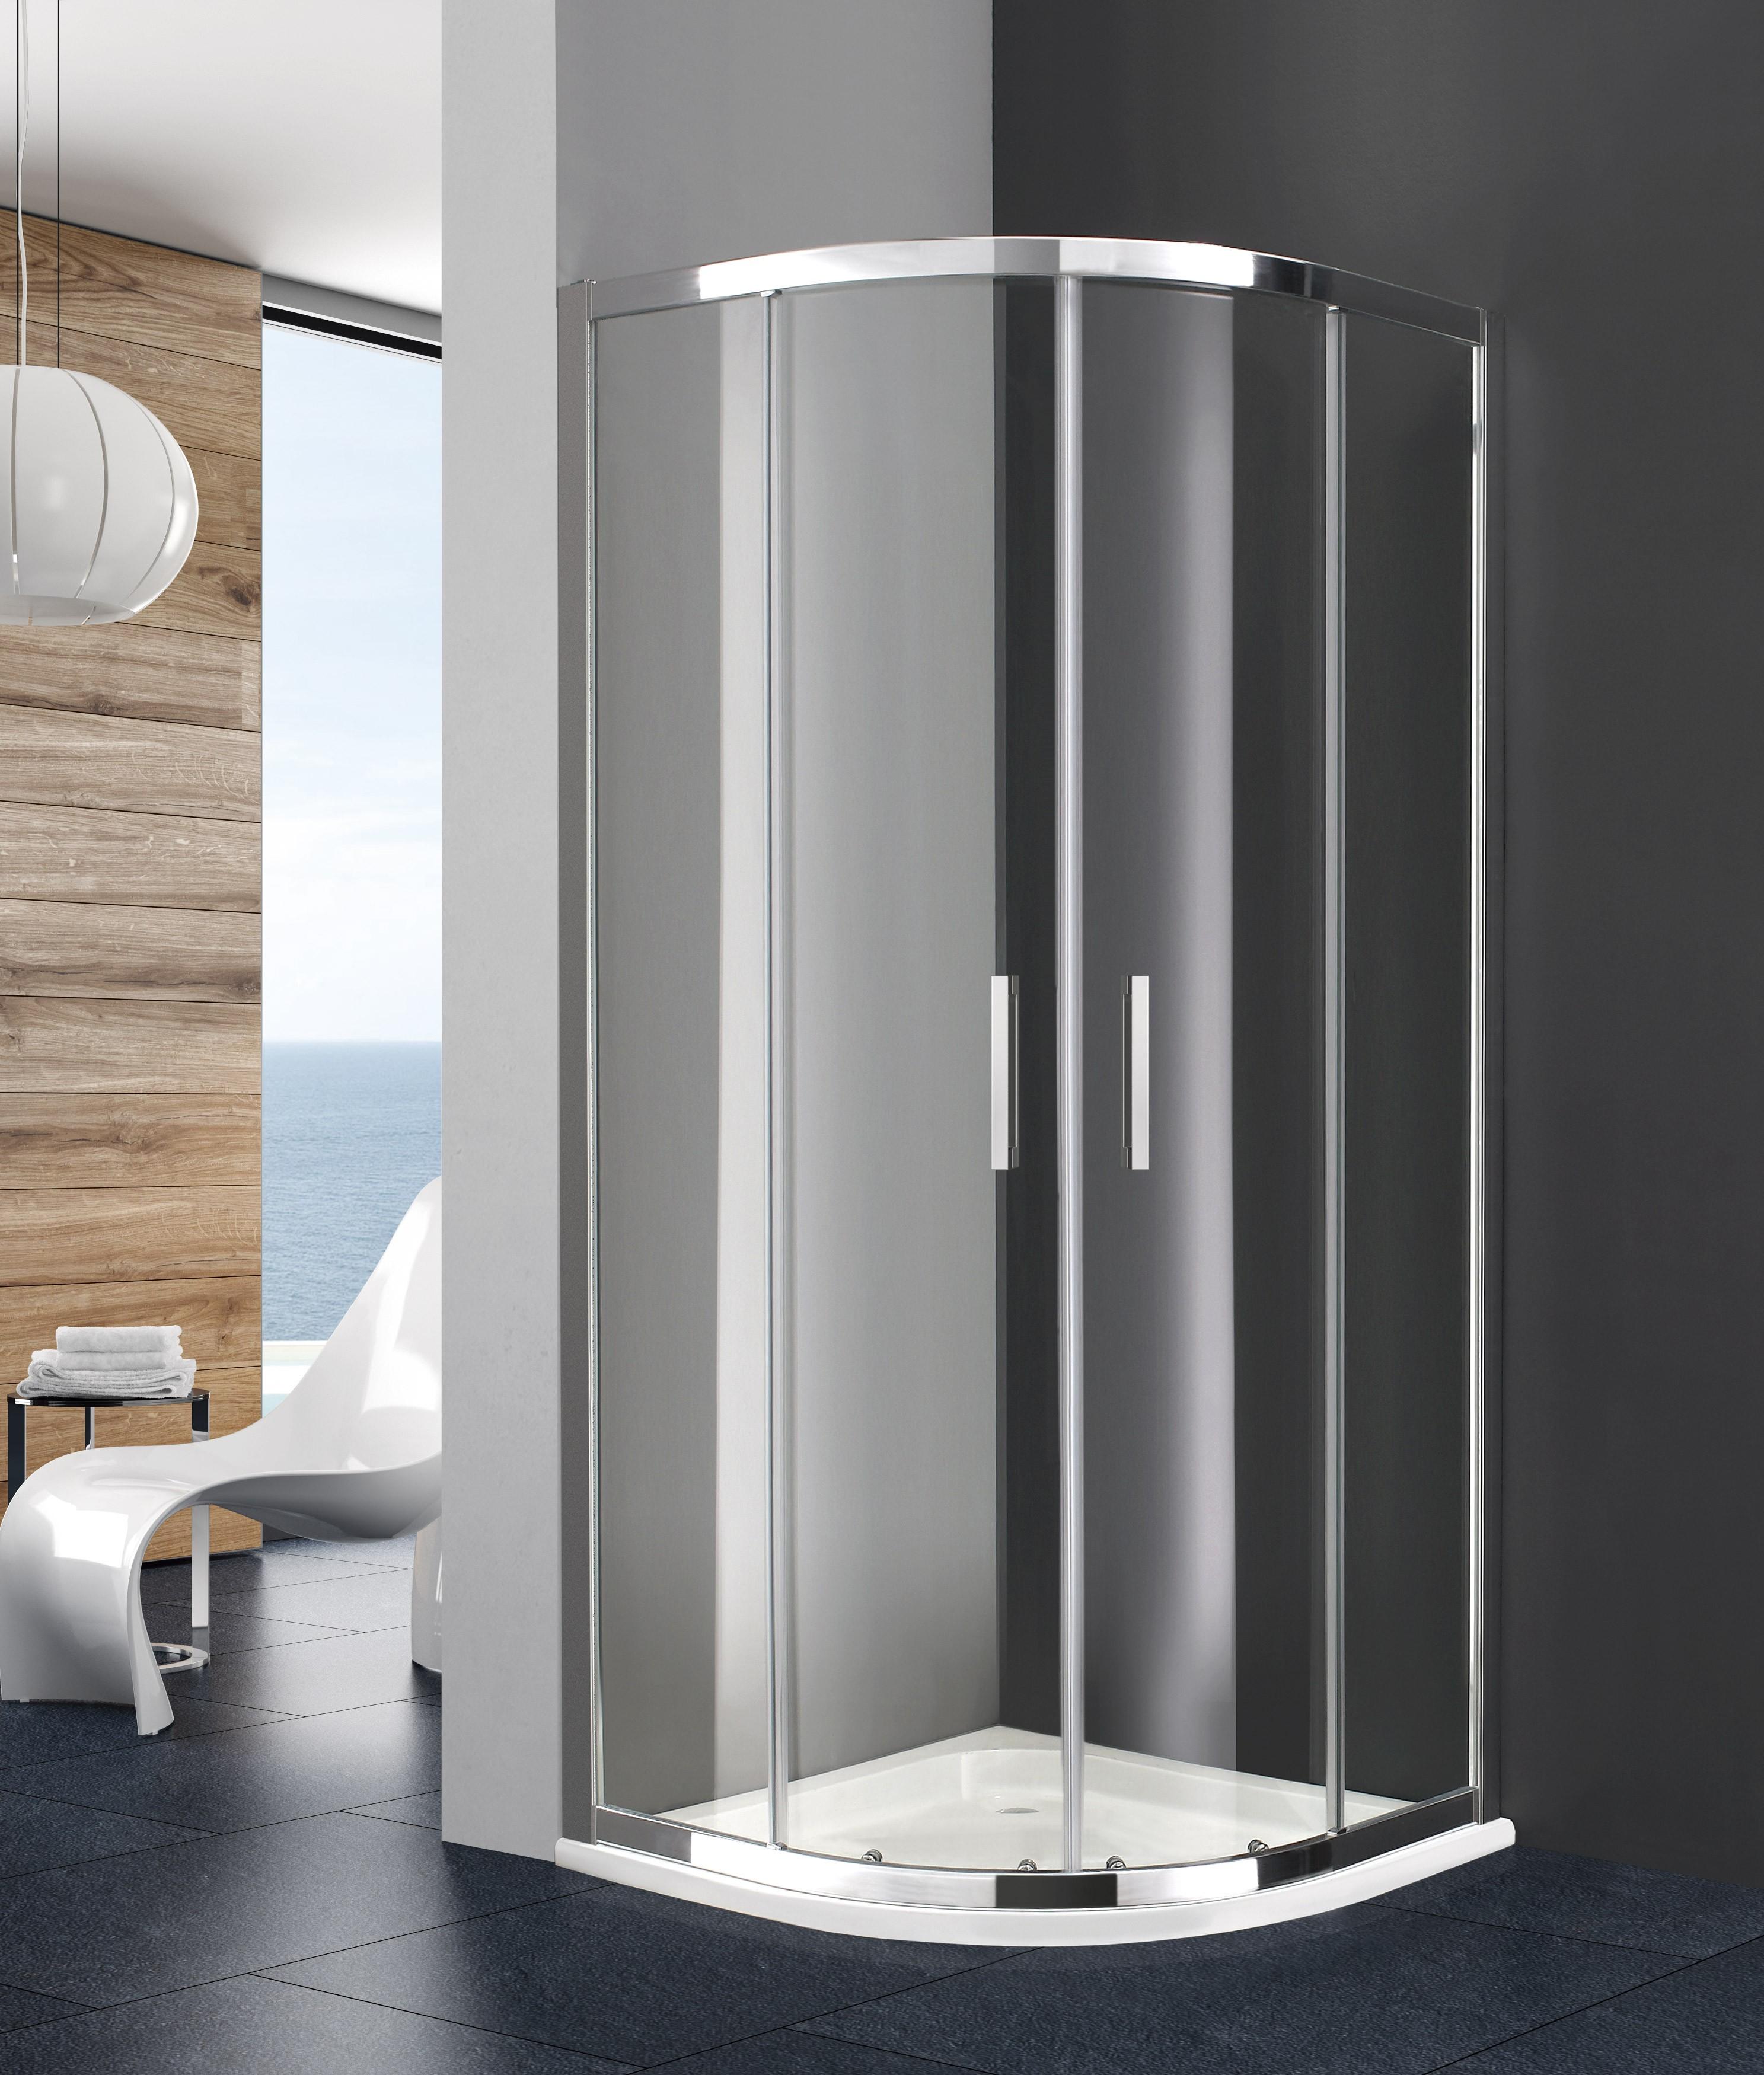 Box doccia semicircolare PRESTIGE-TITAN ottima qualità e design ...